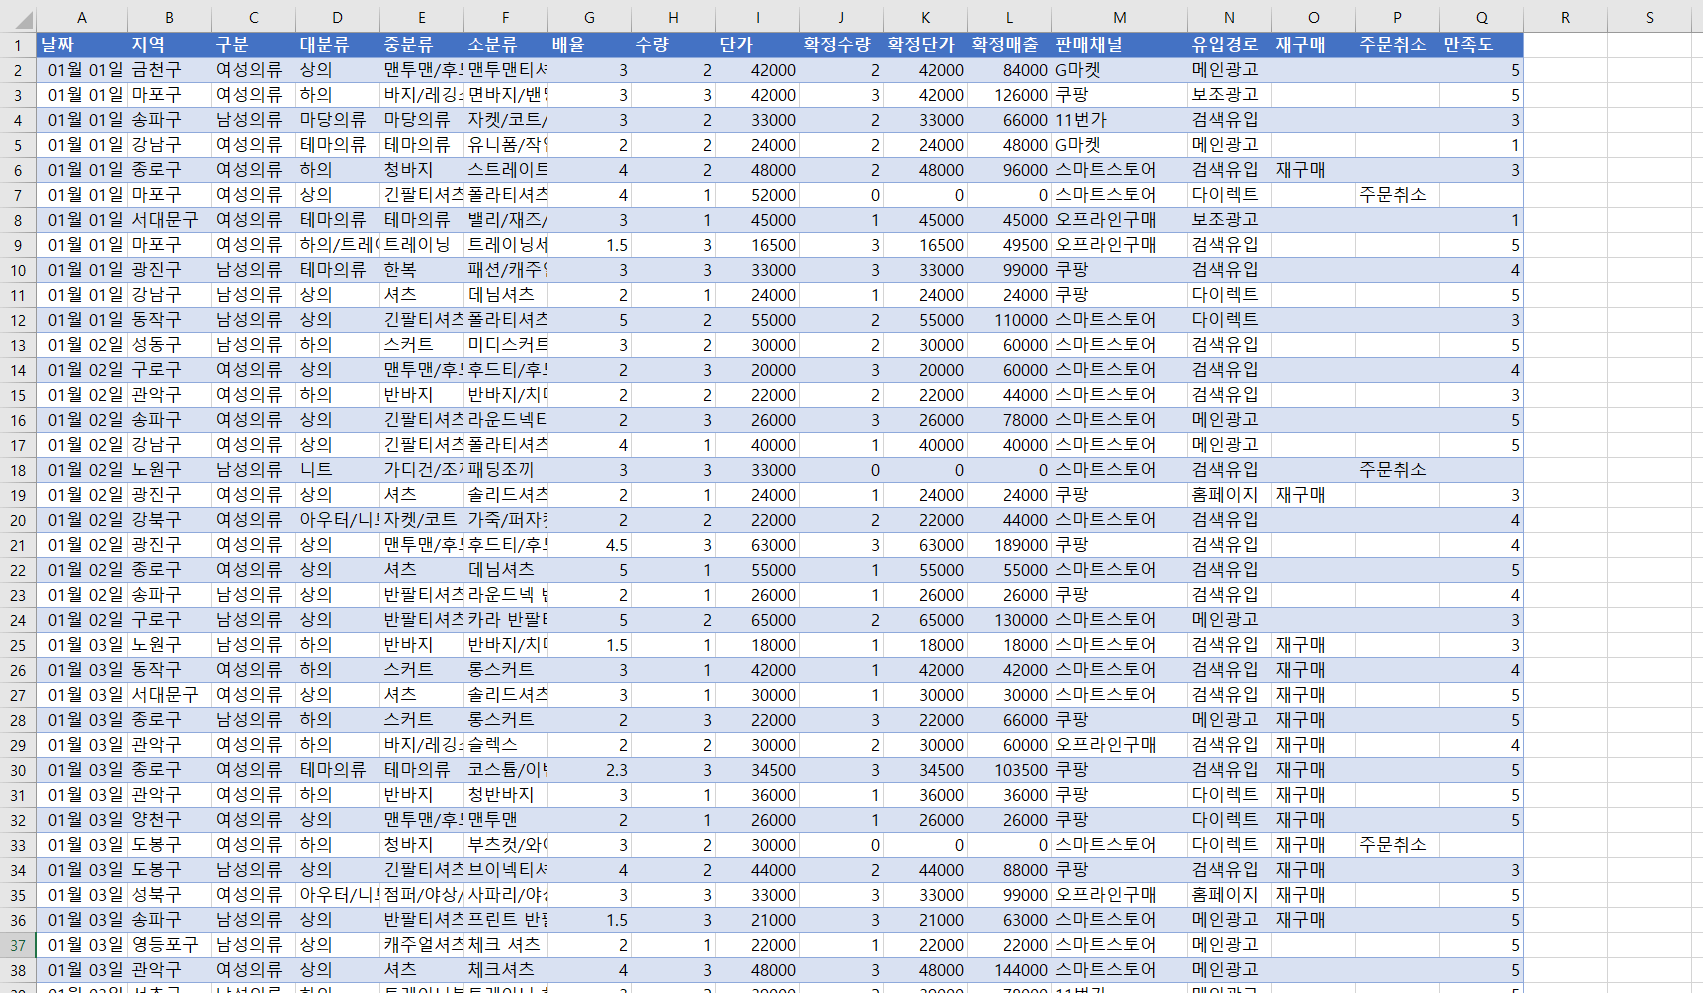 매출현황 데이터 시트